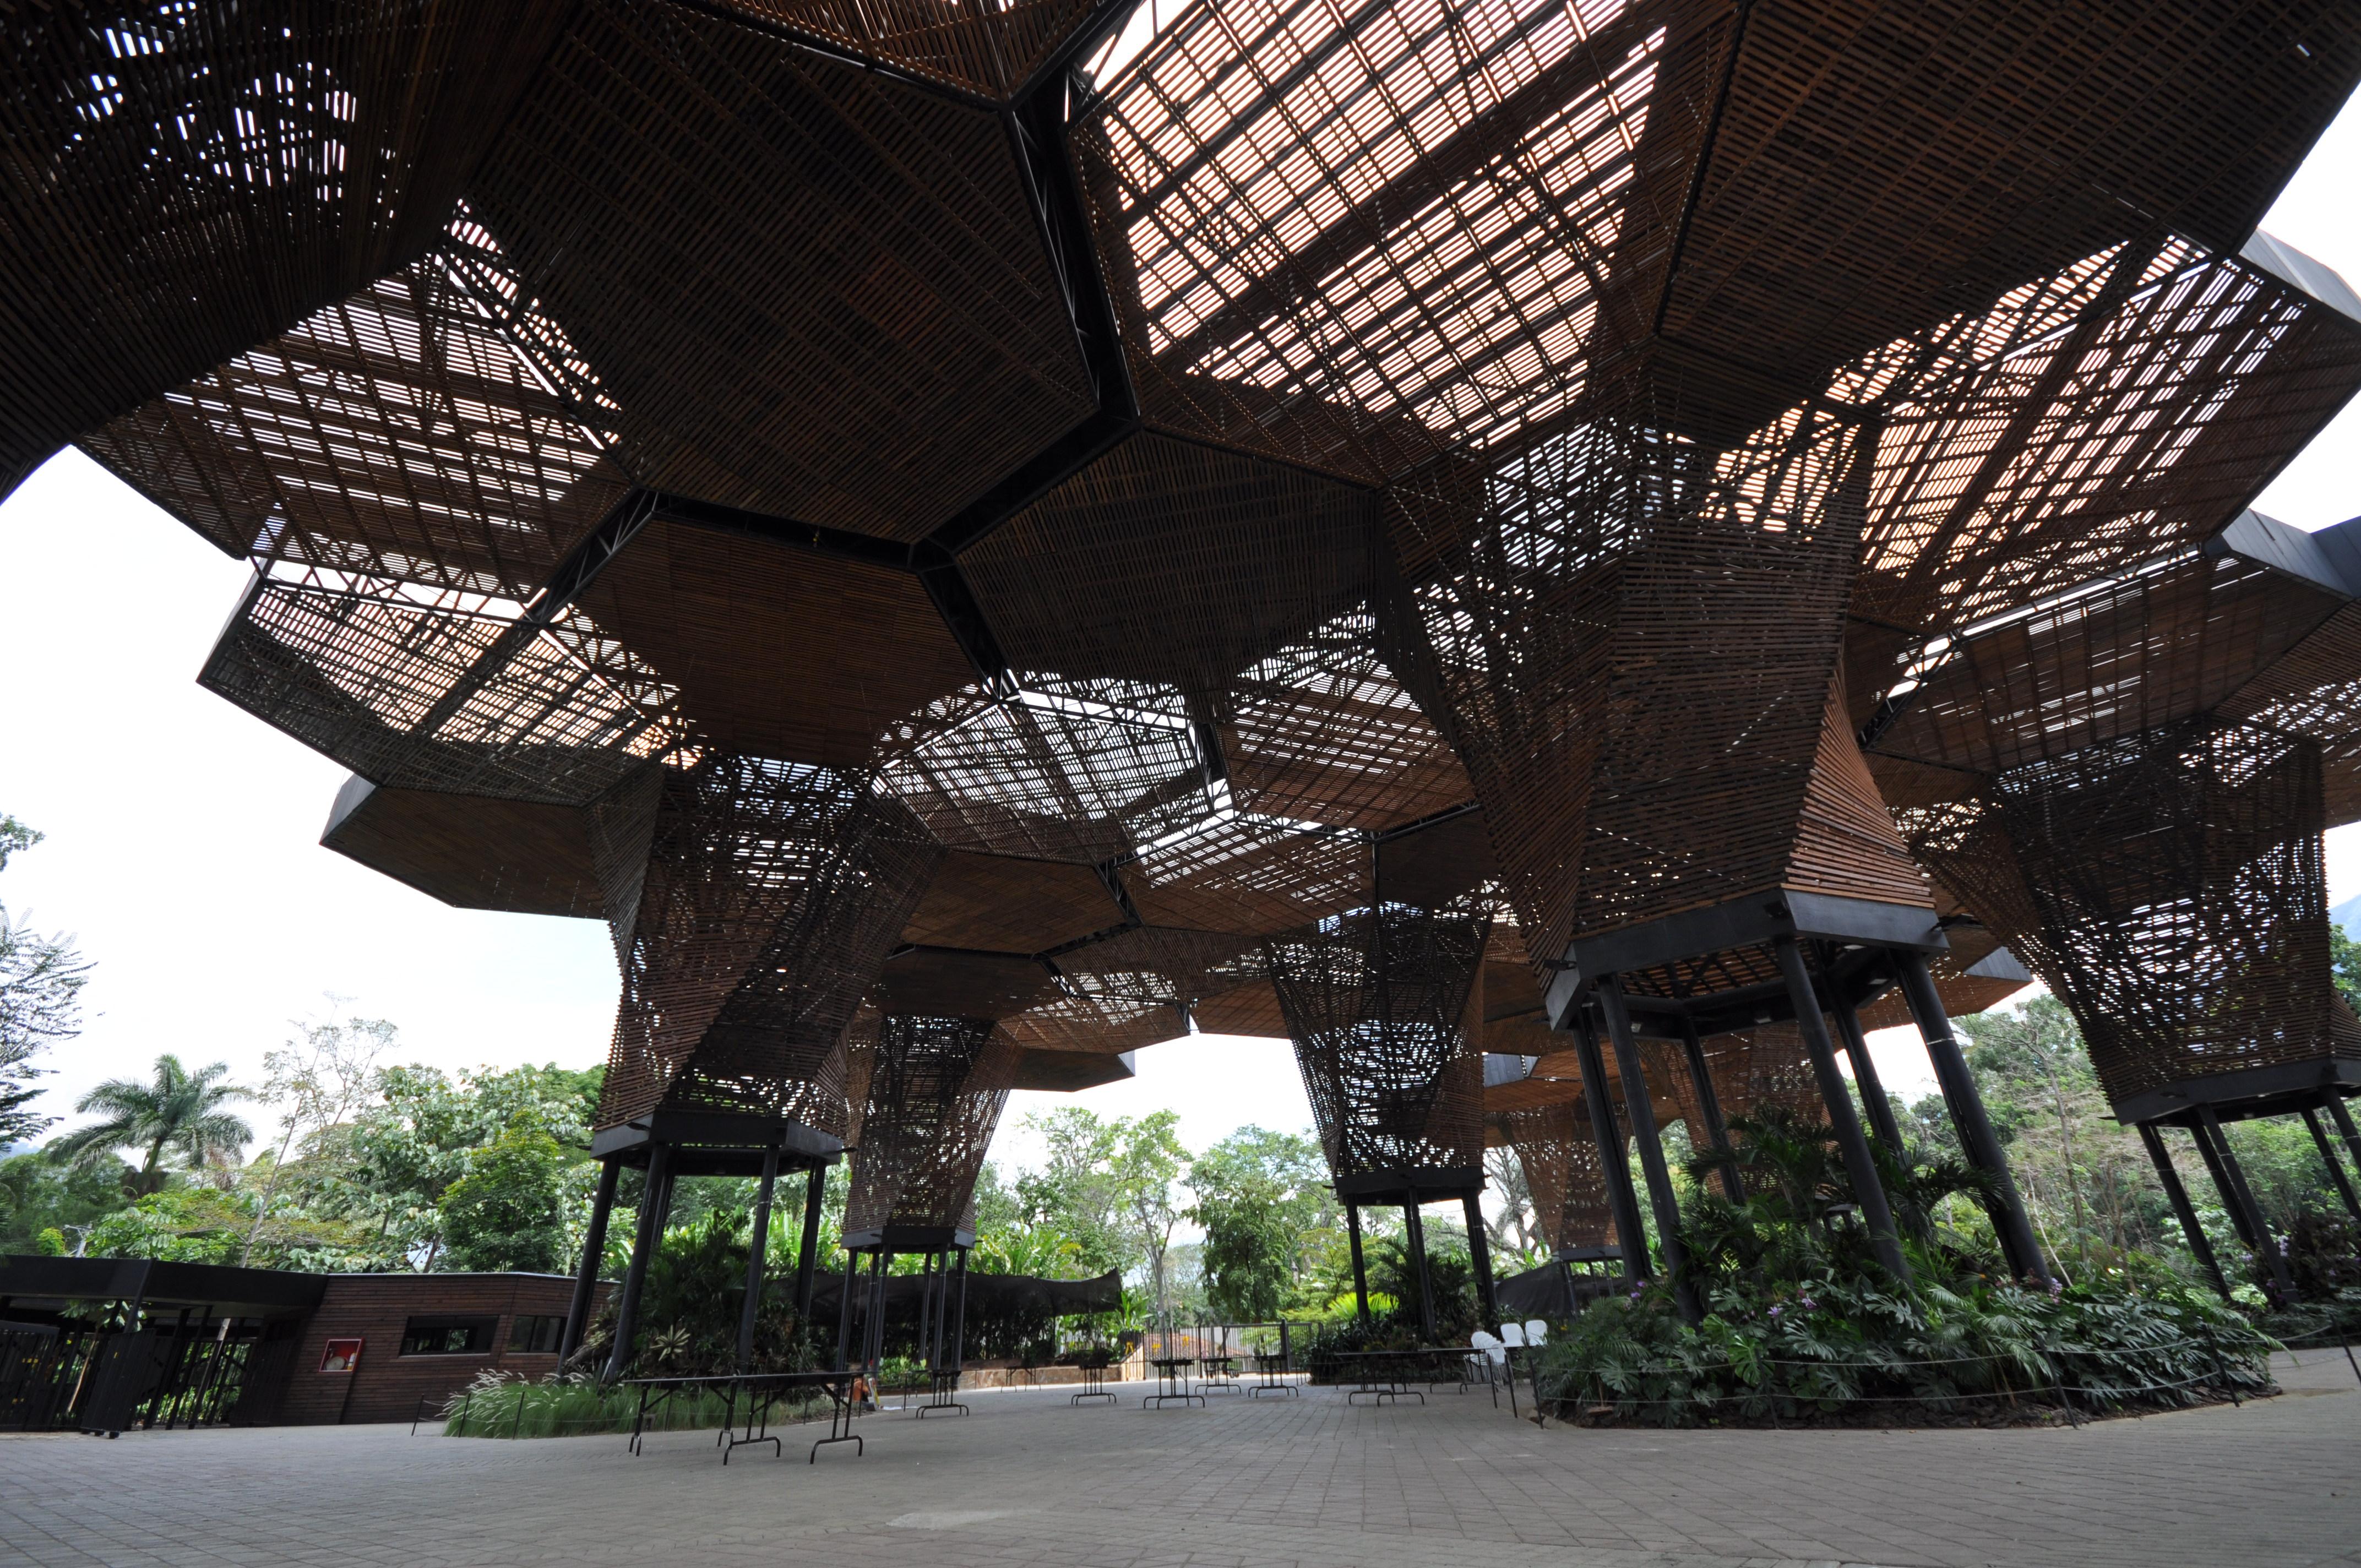 Botanical Garden of Medellín - Wikipedia